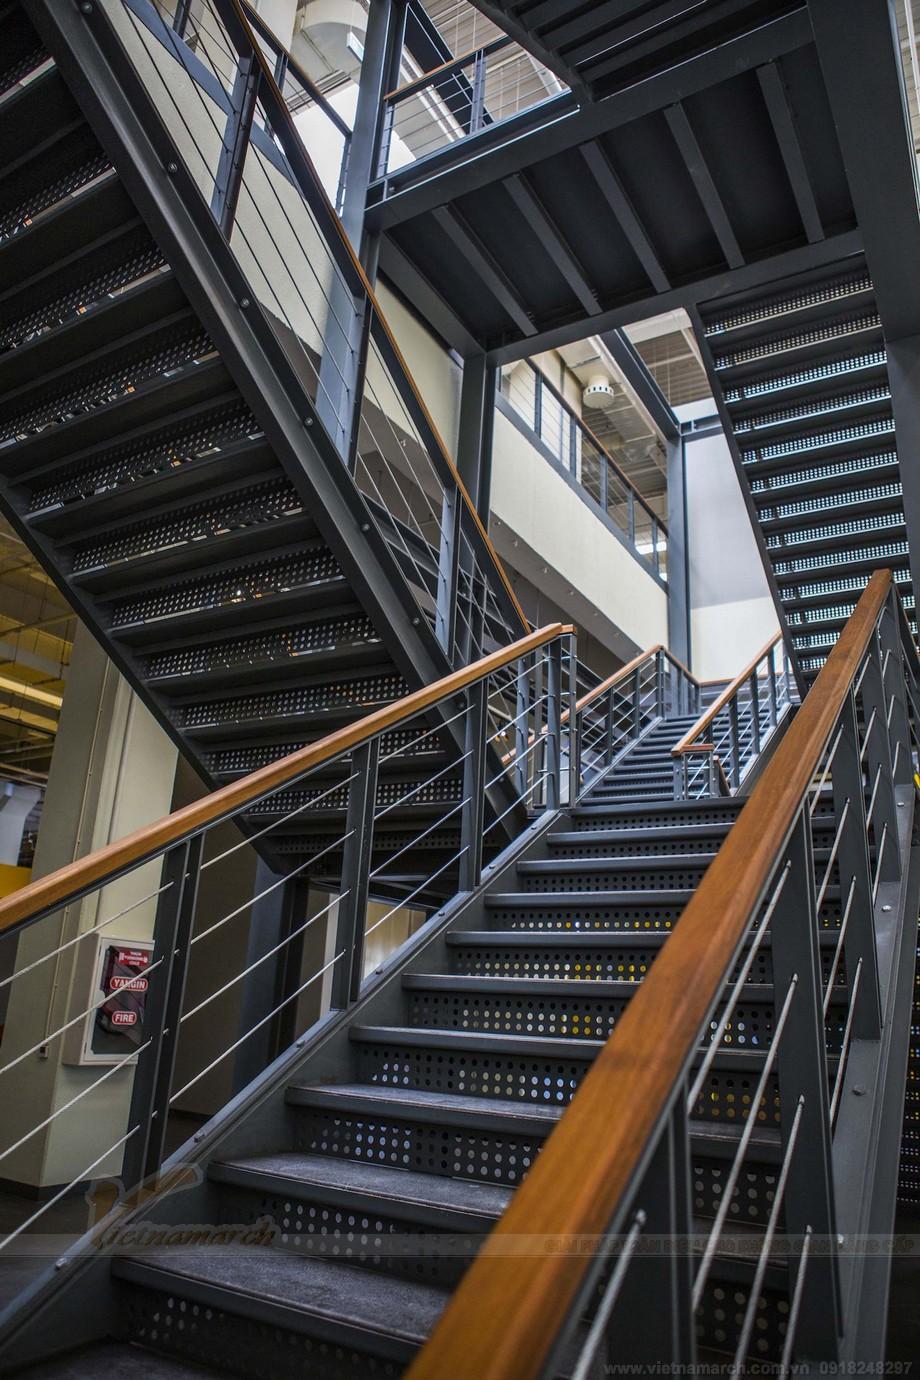 Thiết kế cầu thang ấn tượng trong văn phòng đẹp